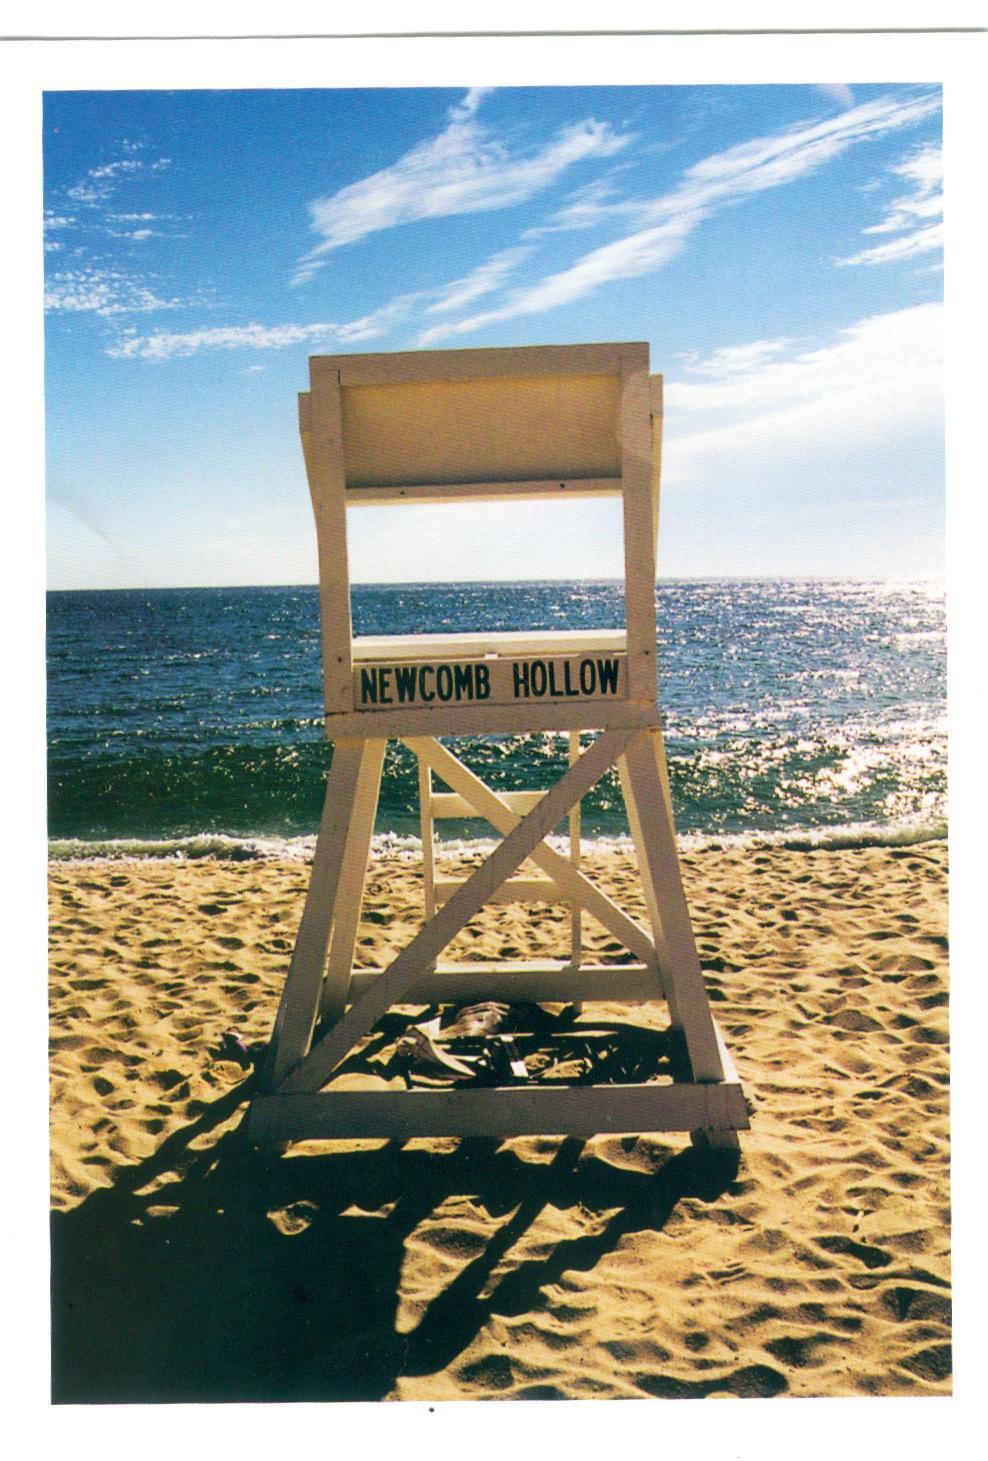 http://www.weneedavacation.com/images/photos/wellfleet-19029-newcomb-hollow-lifeguard.jpg